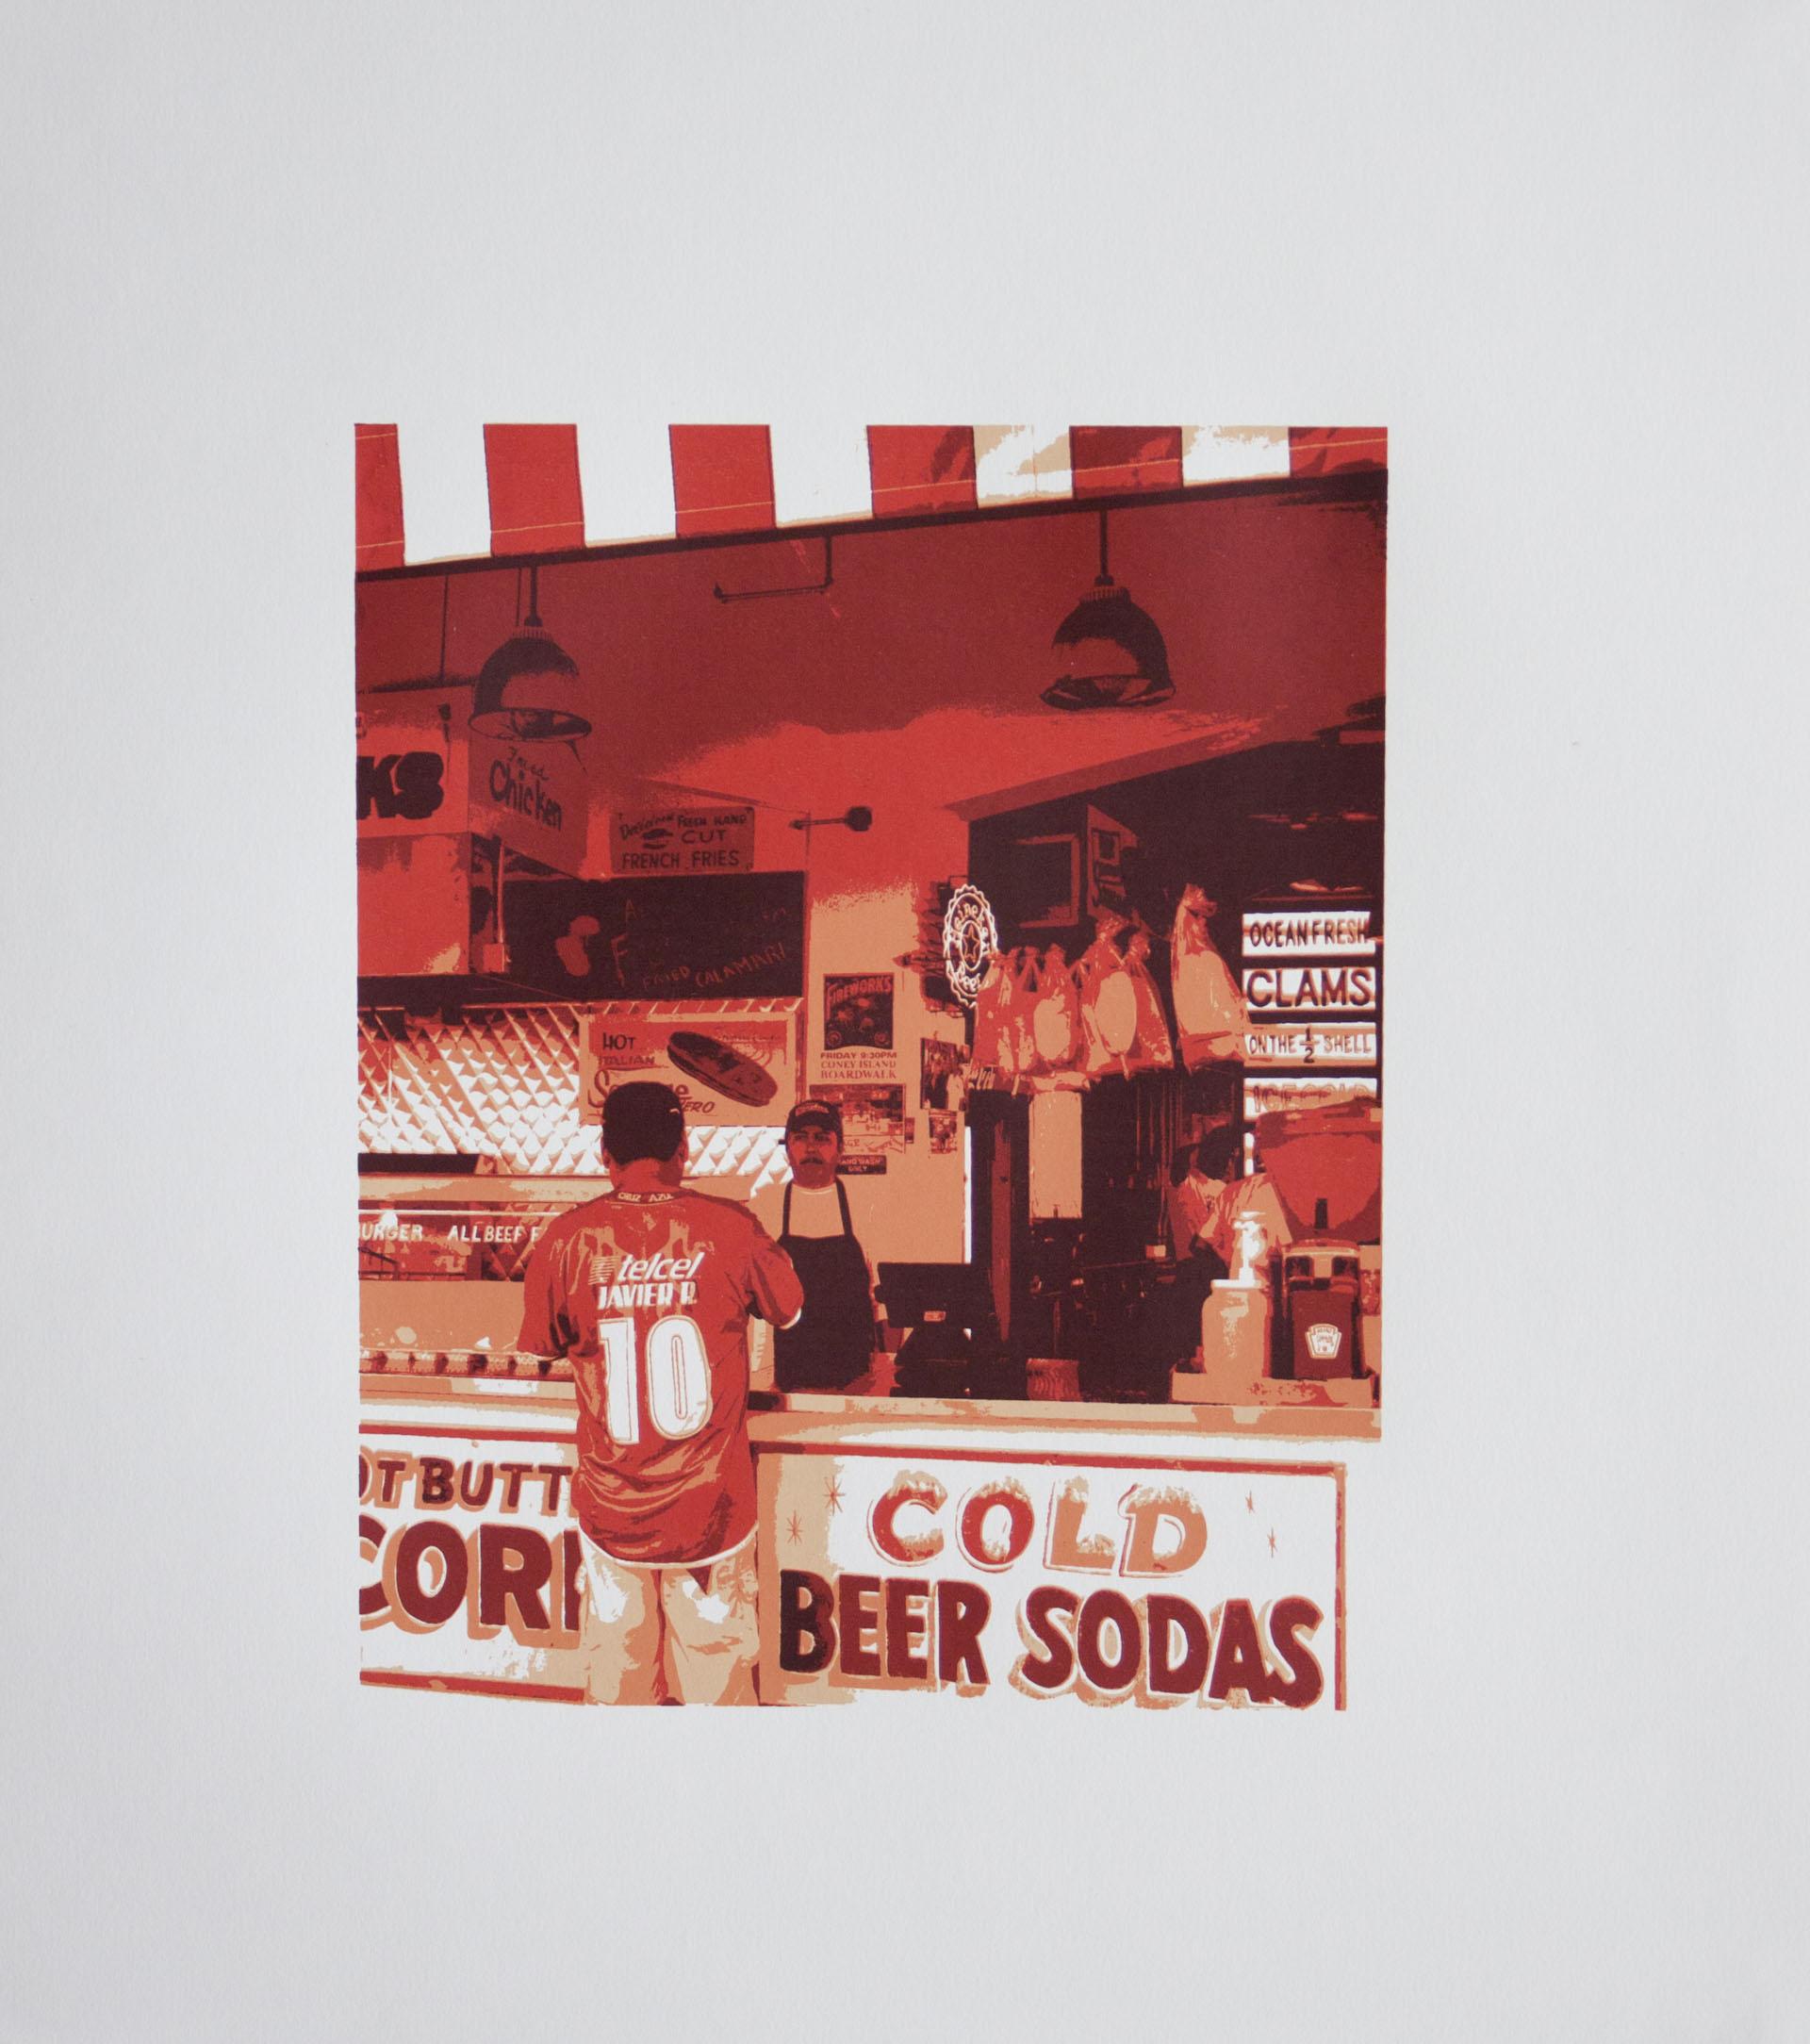 ColdBeer_1.JPG